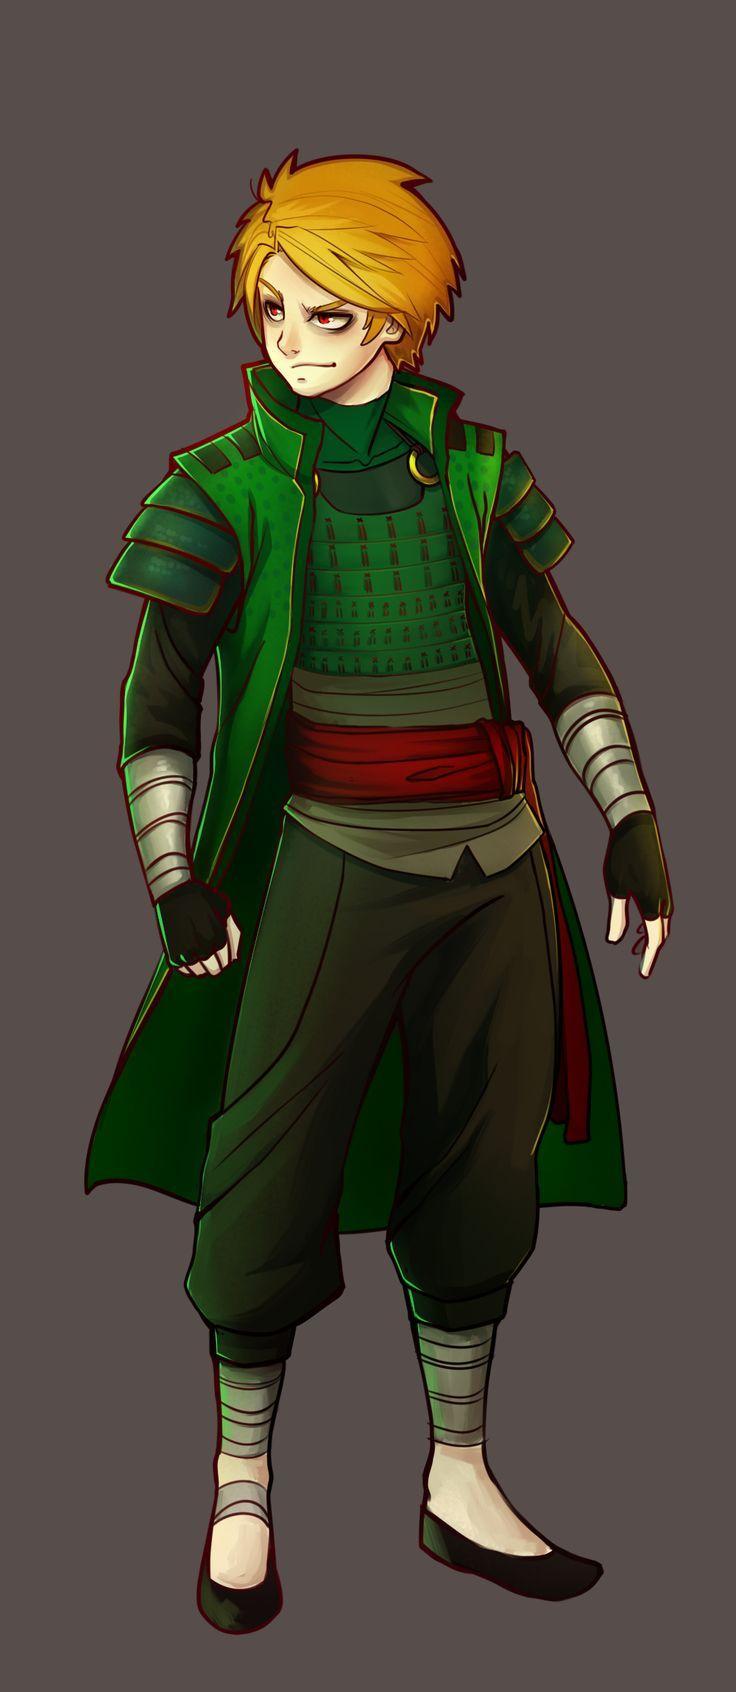 Ninjago - Lloyd by E-RR-A.deviantart.com on @deviantART